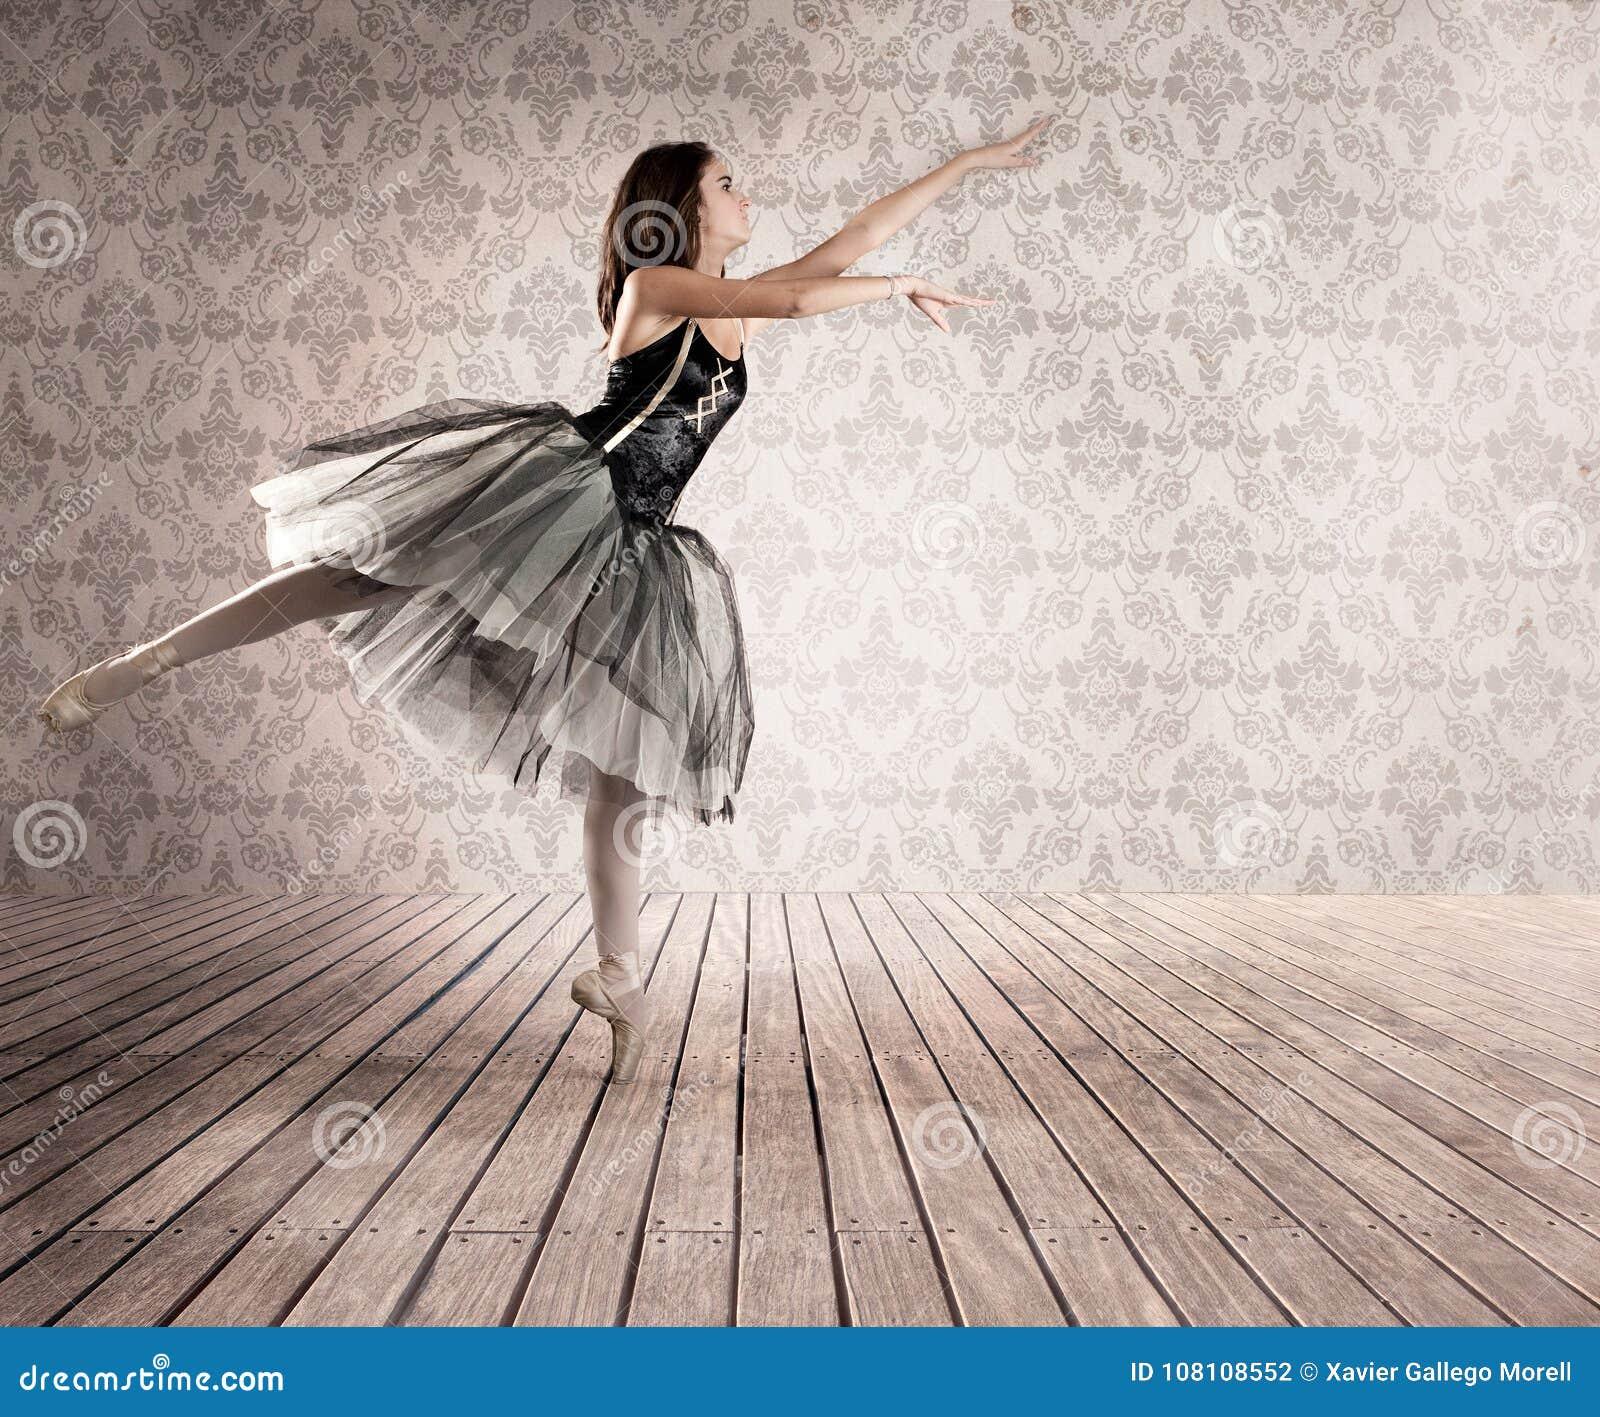 Ballerine attirante sur la pointe des pieds